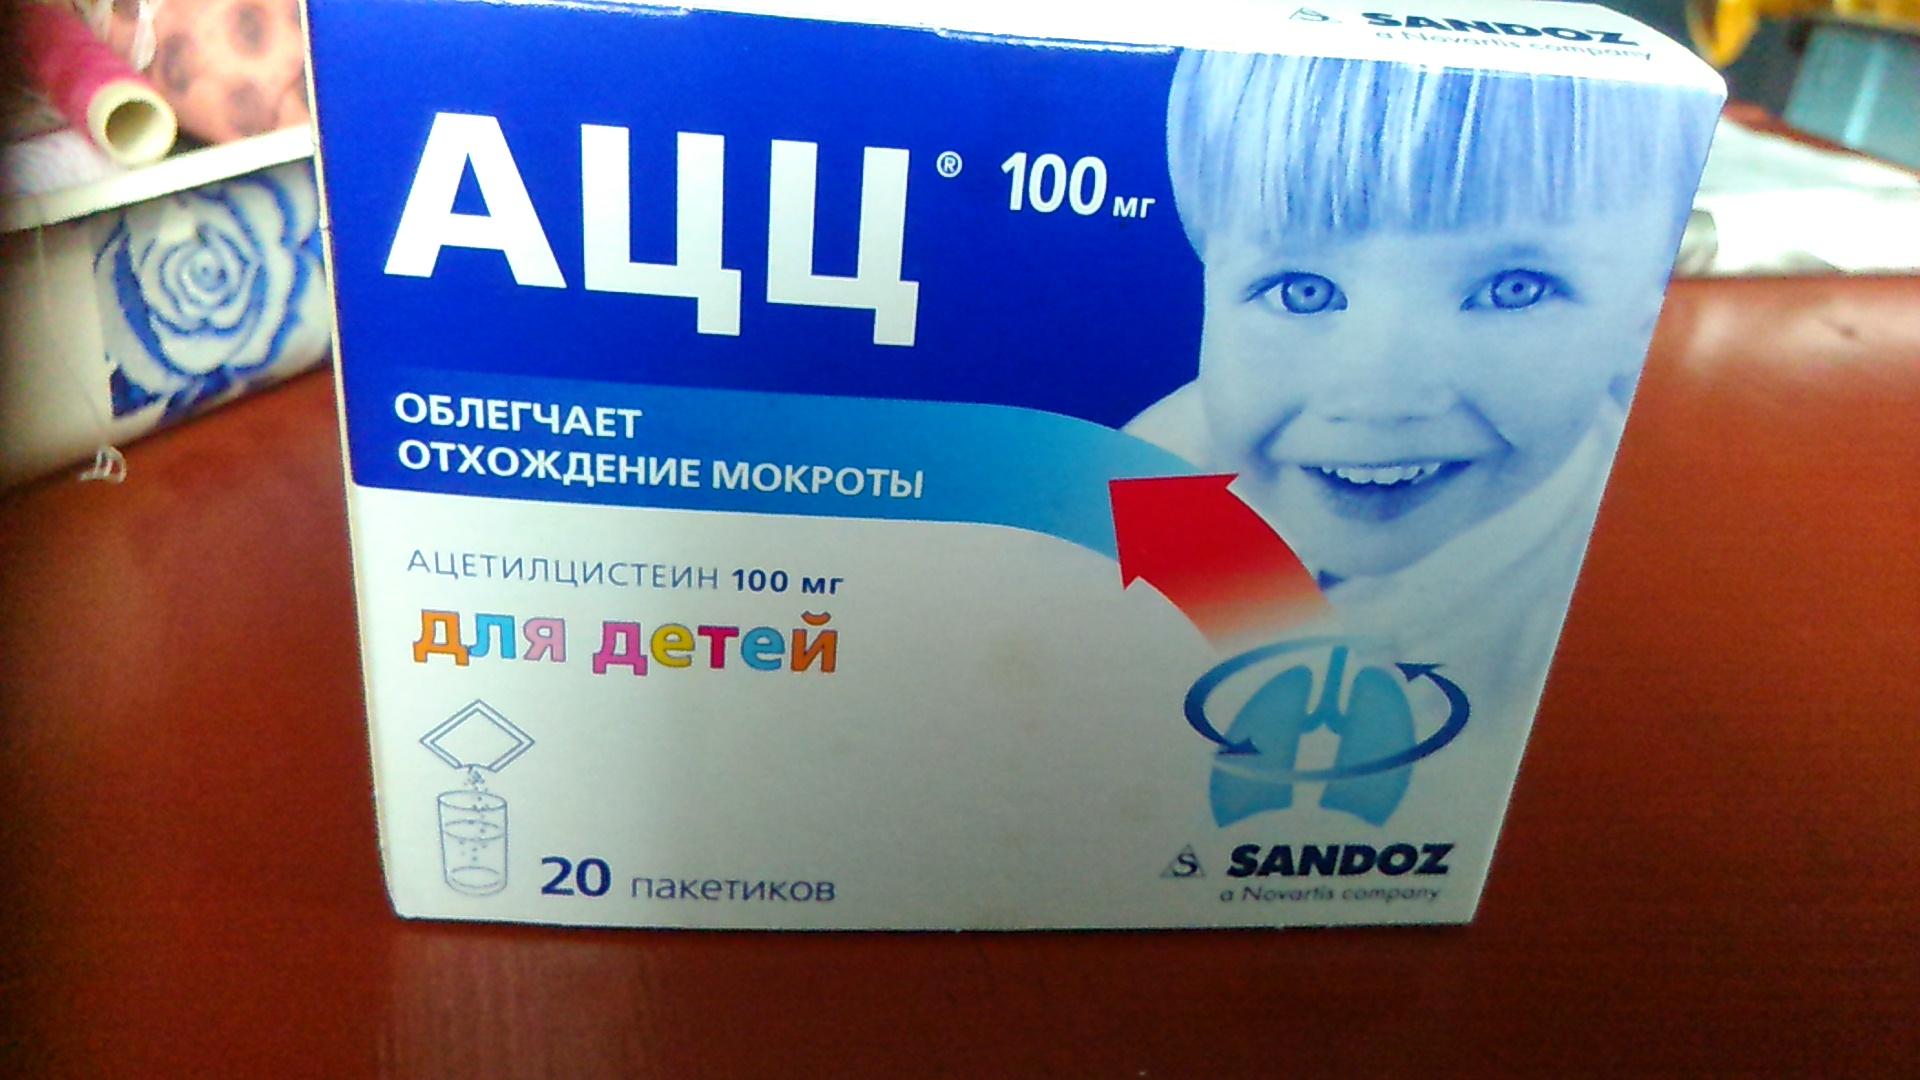 Также педиатры рекомендуют использовать в этом возрасте сухую микстуру от кашля.